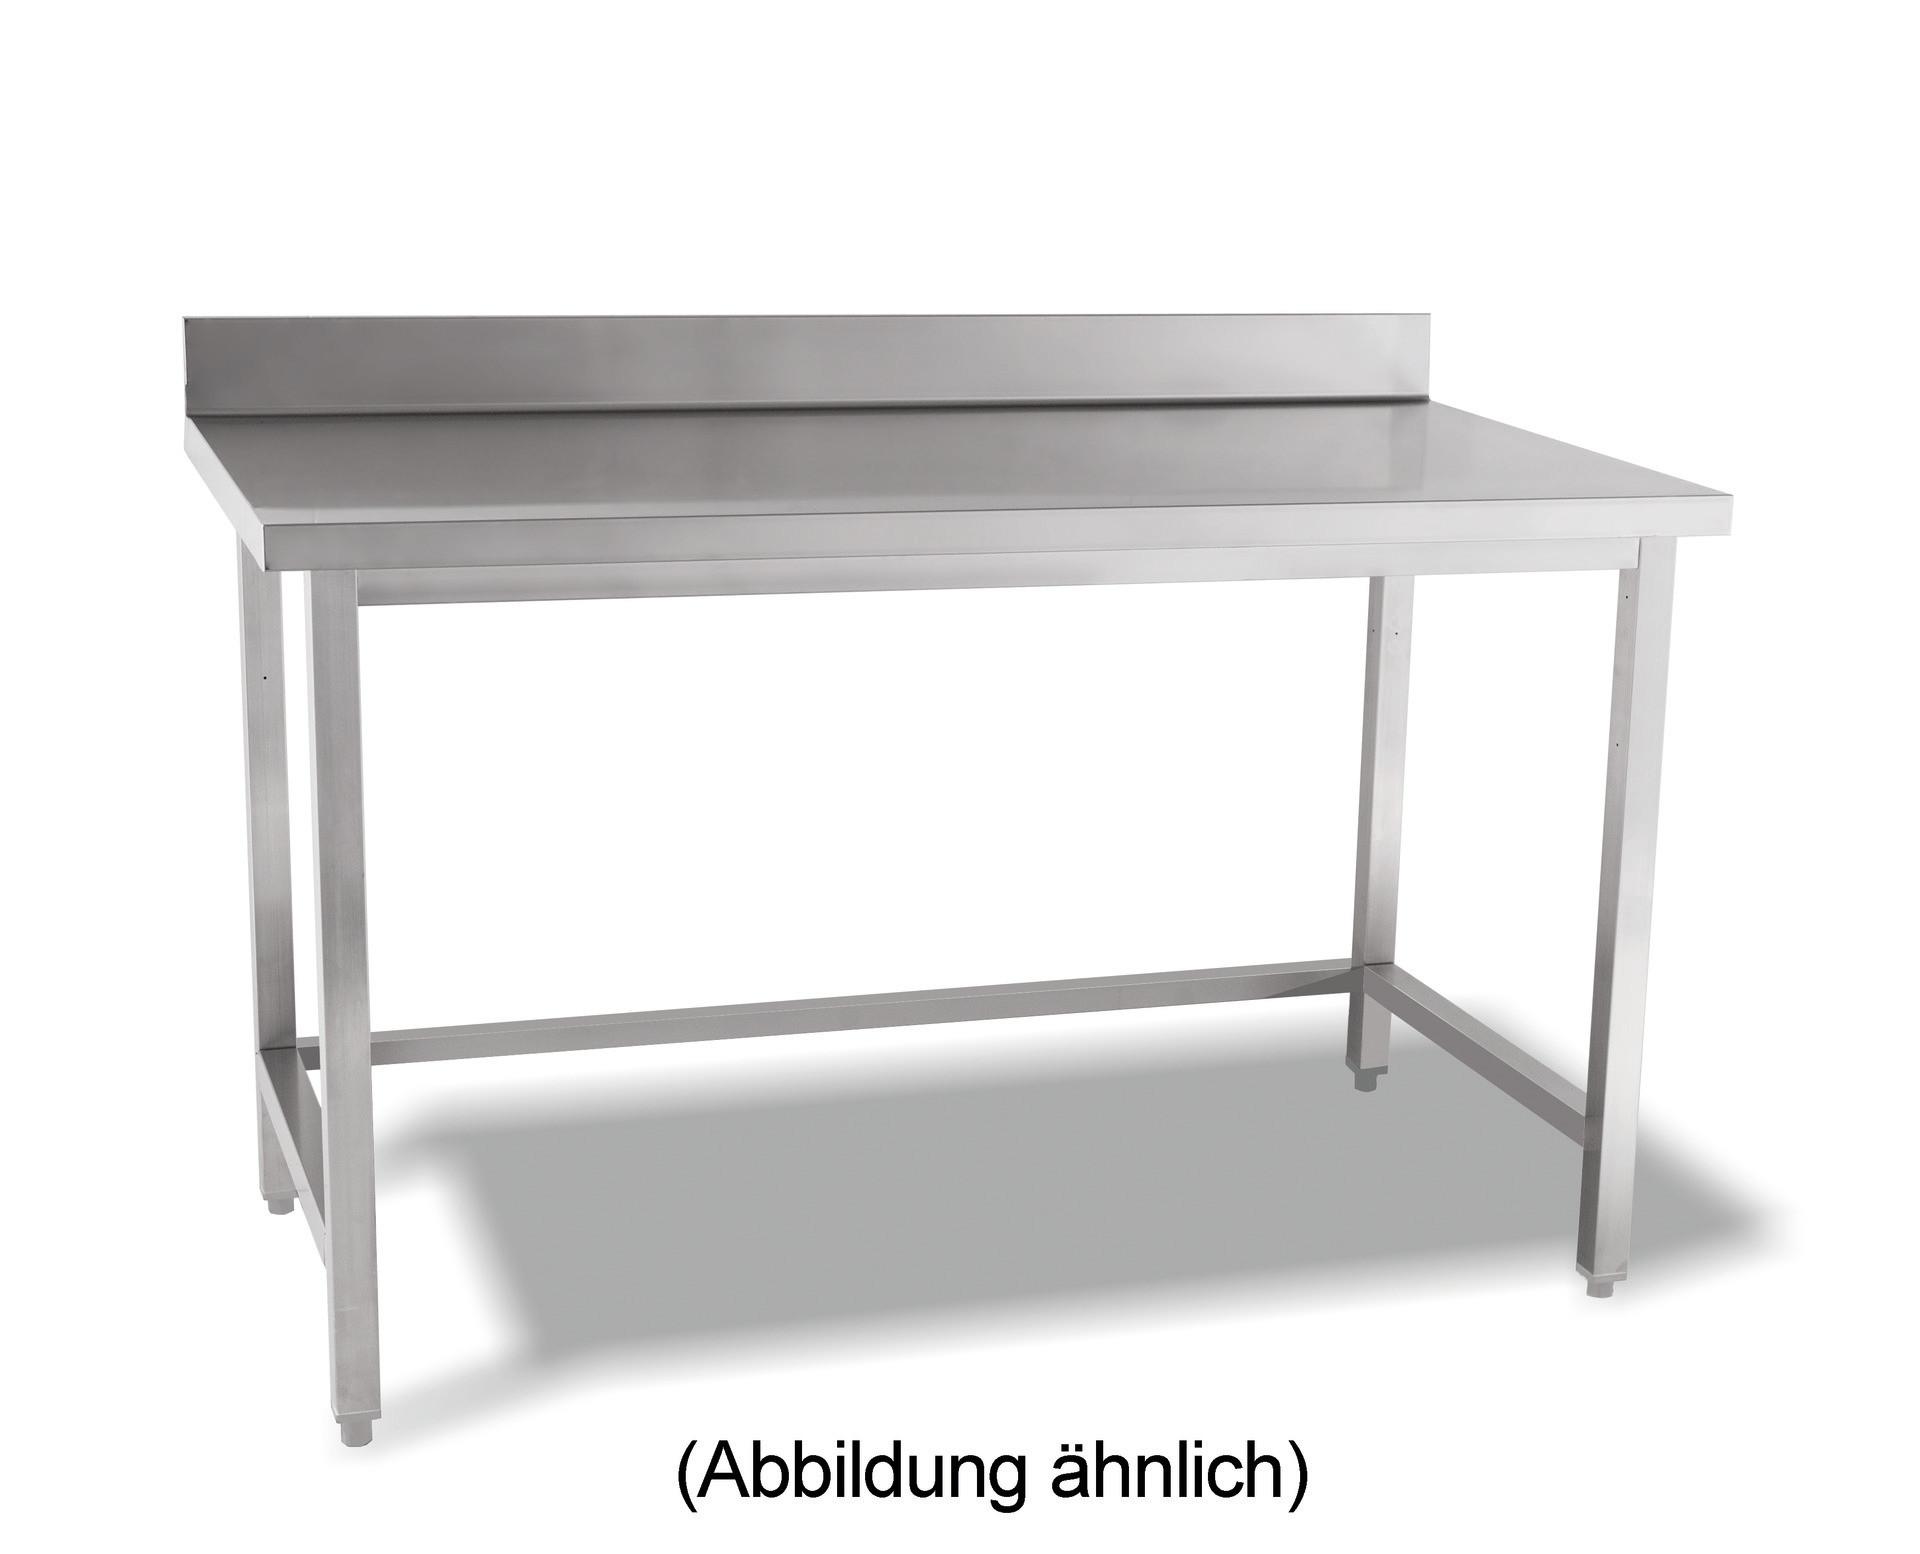 Arbeitstisch verschweißt o. Ablageboden mit 50 mm Aufkantung 800 x 700 x 850 mm